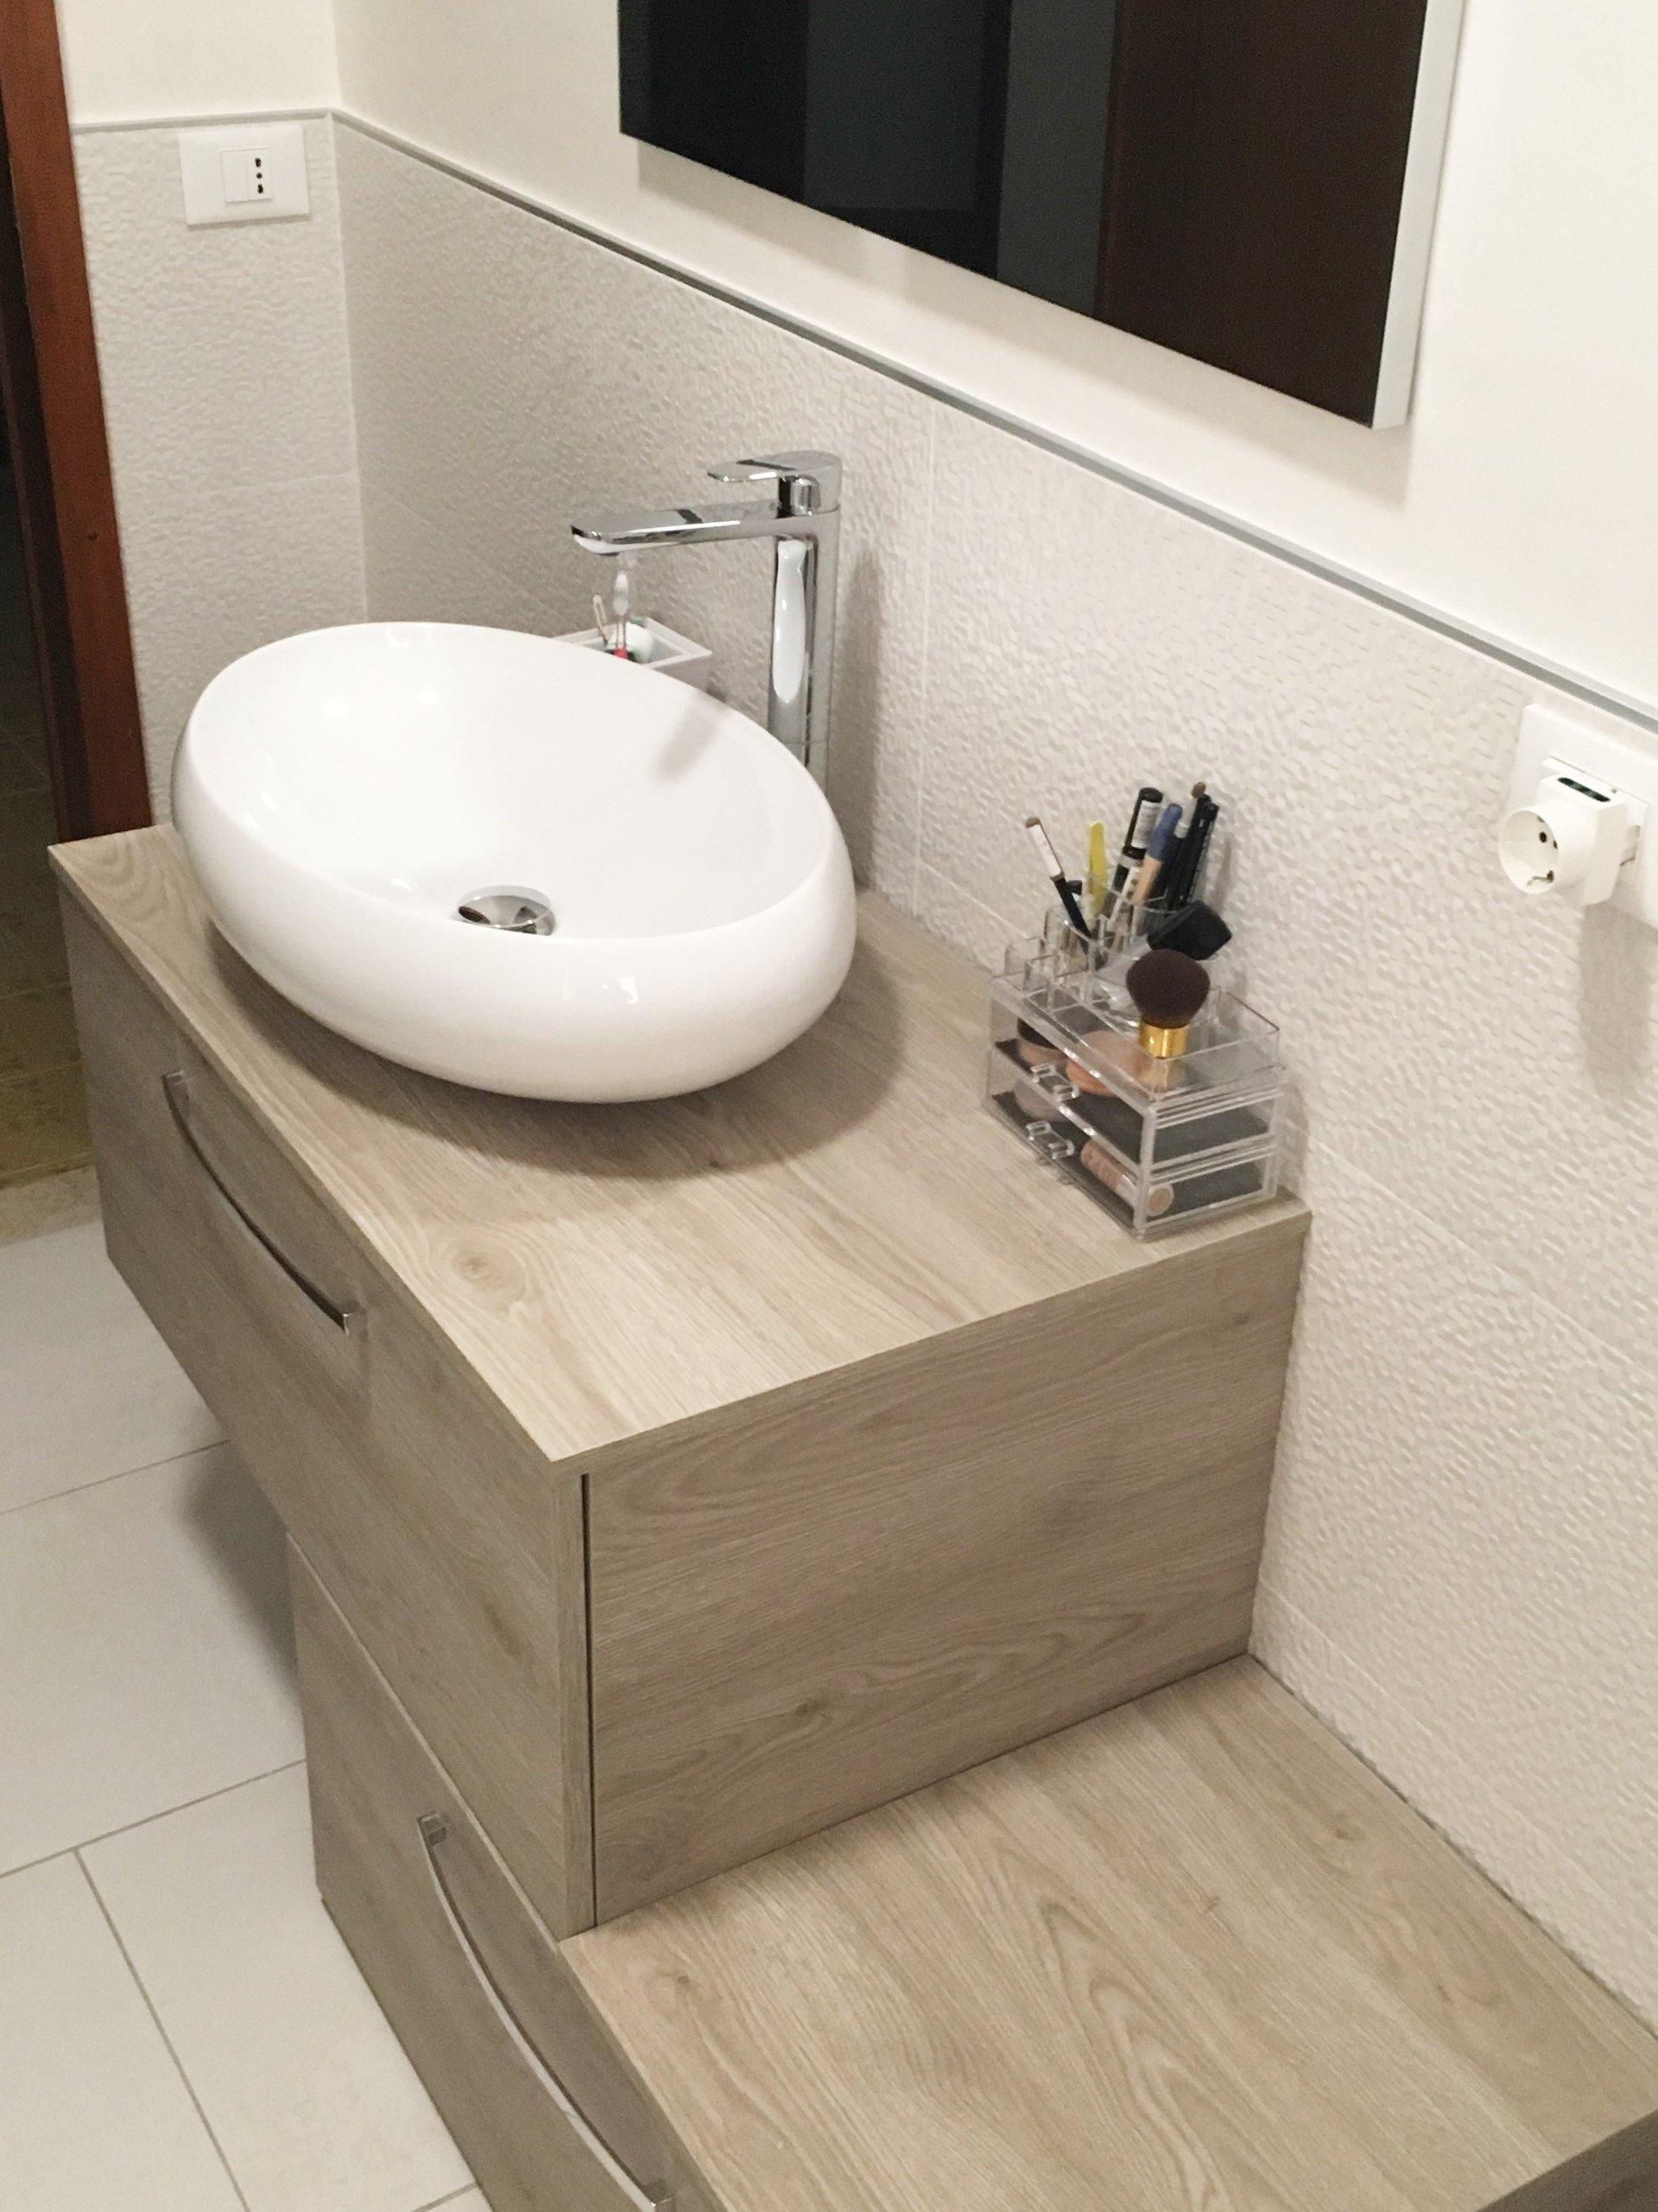 un lavabo ovale e due cassetti in legno chiaro